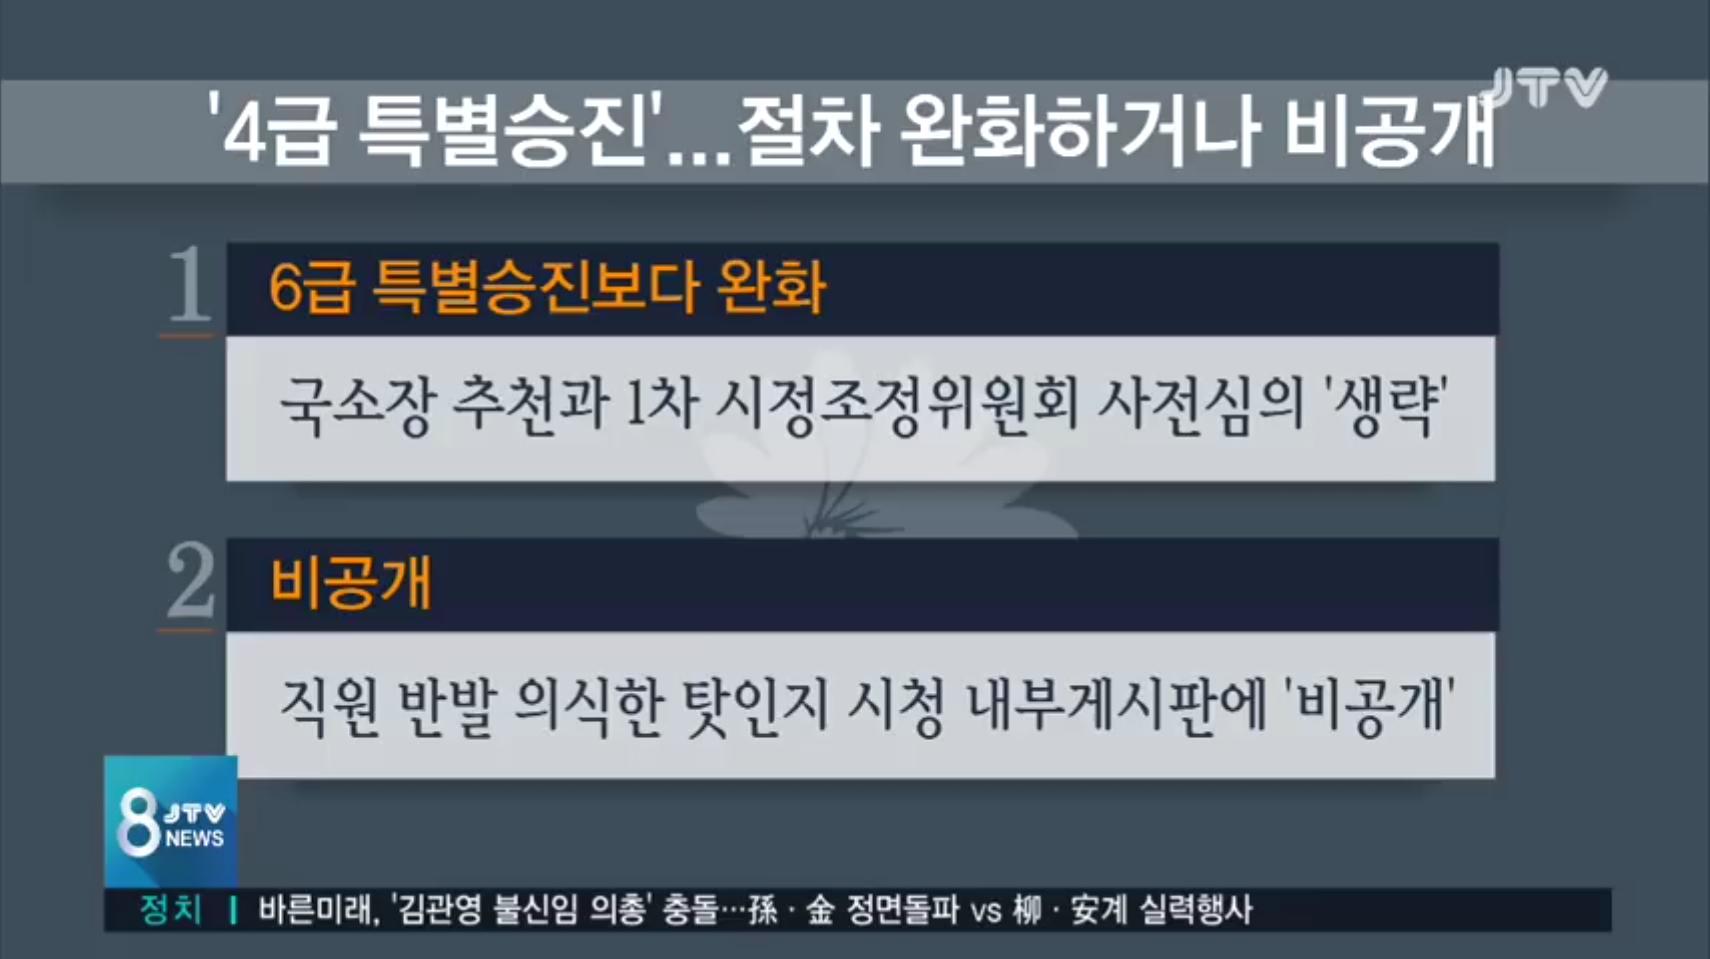 [19.5.7 JTV] 김승수 전주시장 고교선배 4급 특별승진5.png